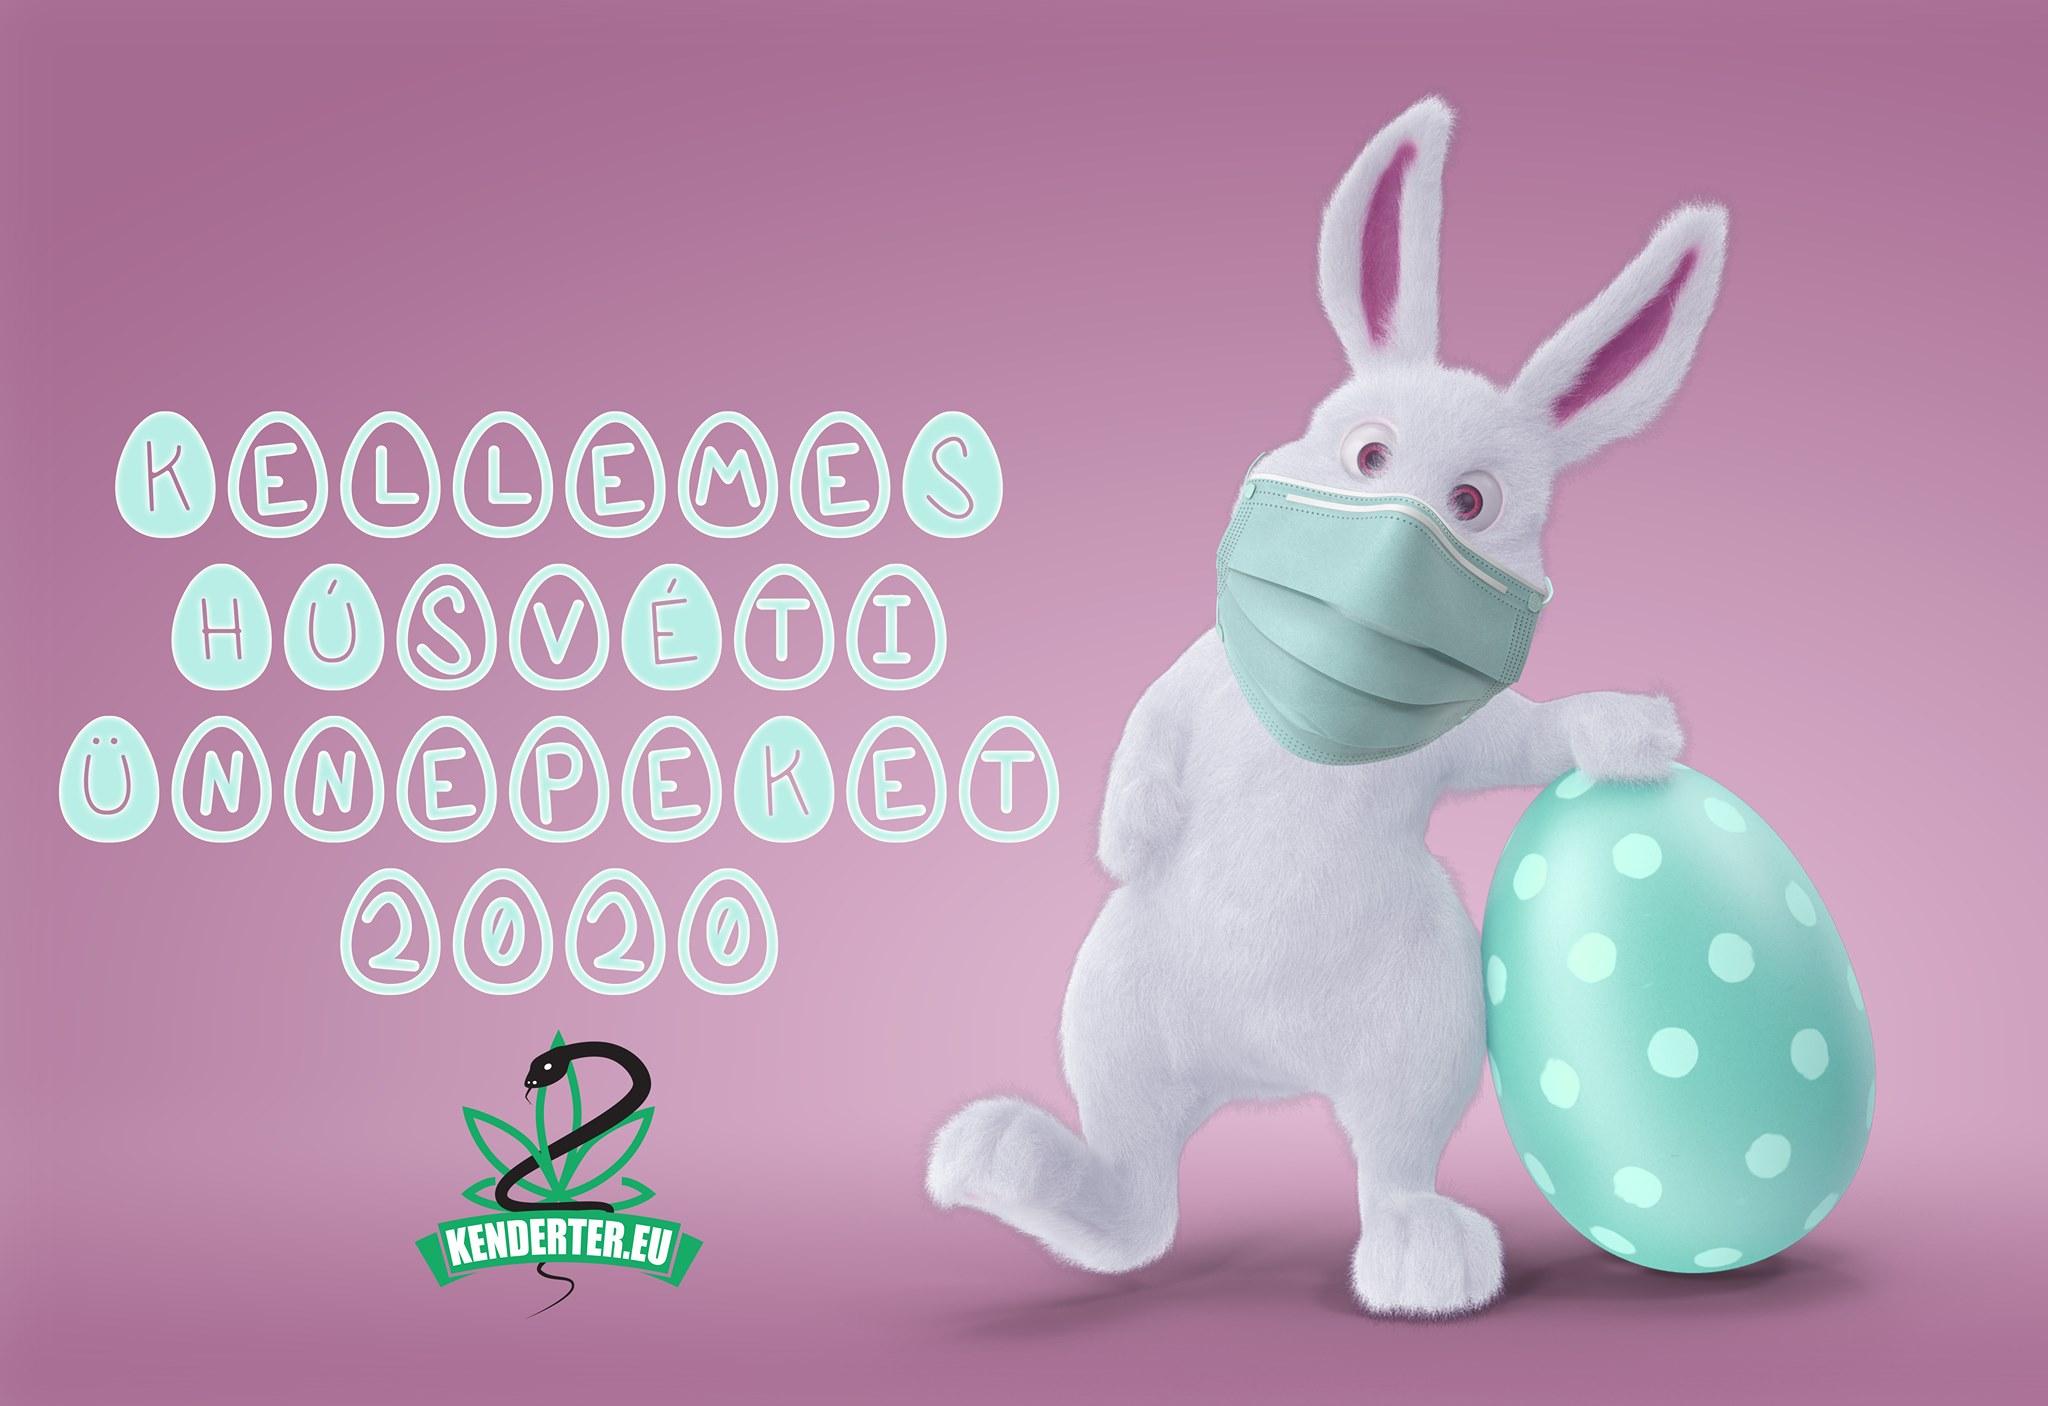 Kendertér - Húsvéti Ünnepek 2020 Kendertér - 93152914 230793124997281 7262825023642009600 o